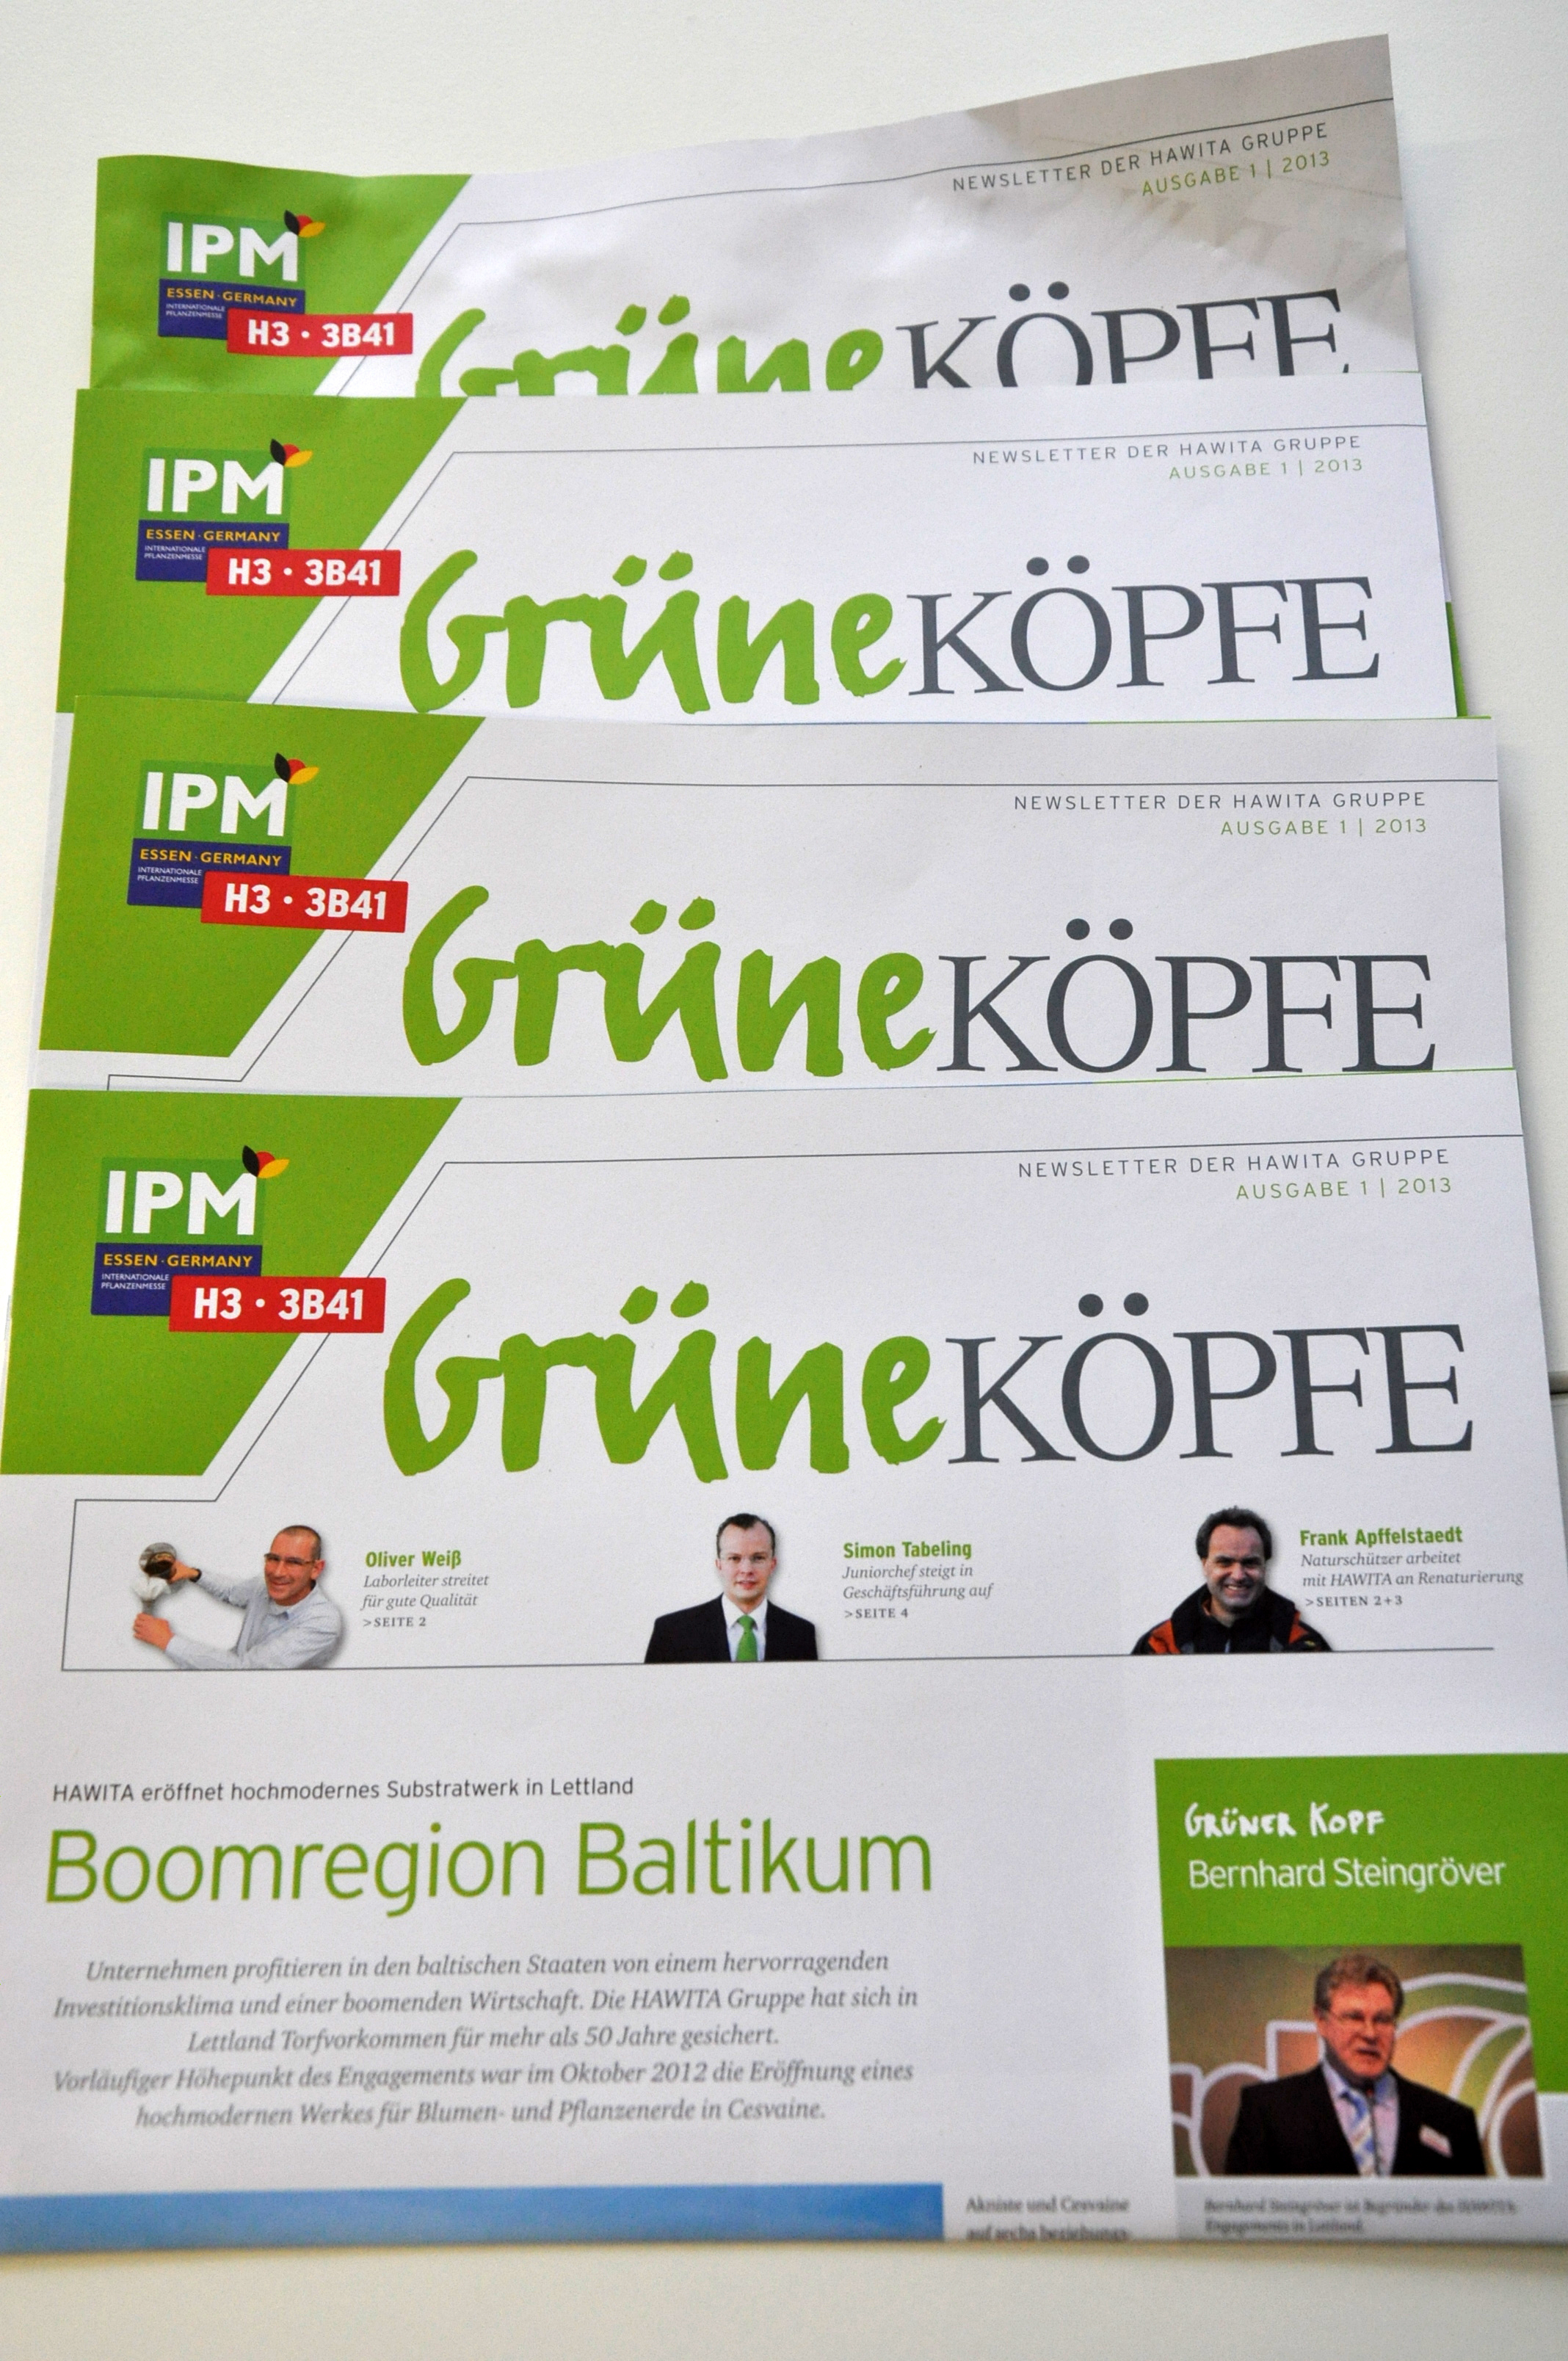 Die Grünen Köpfe sind das Kundenmagazin der HAWITA Gruppe - entwickelt von Freiwald Kommunikation. Foto: Frewald Kommunikation